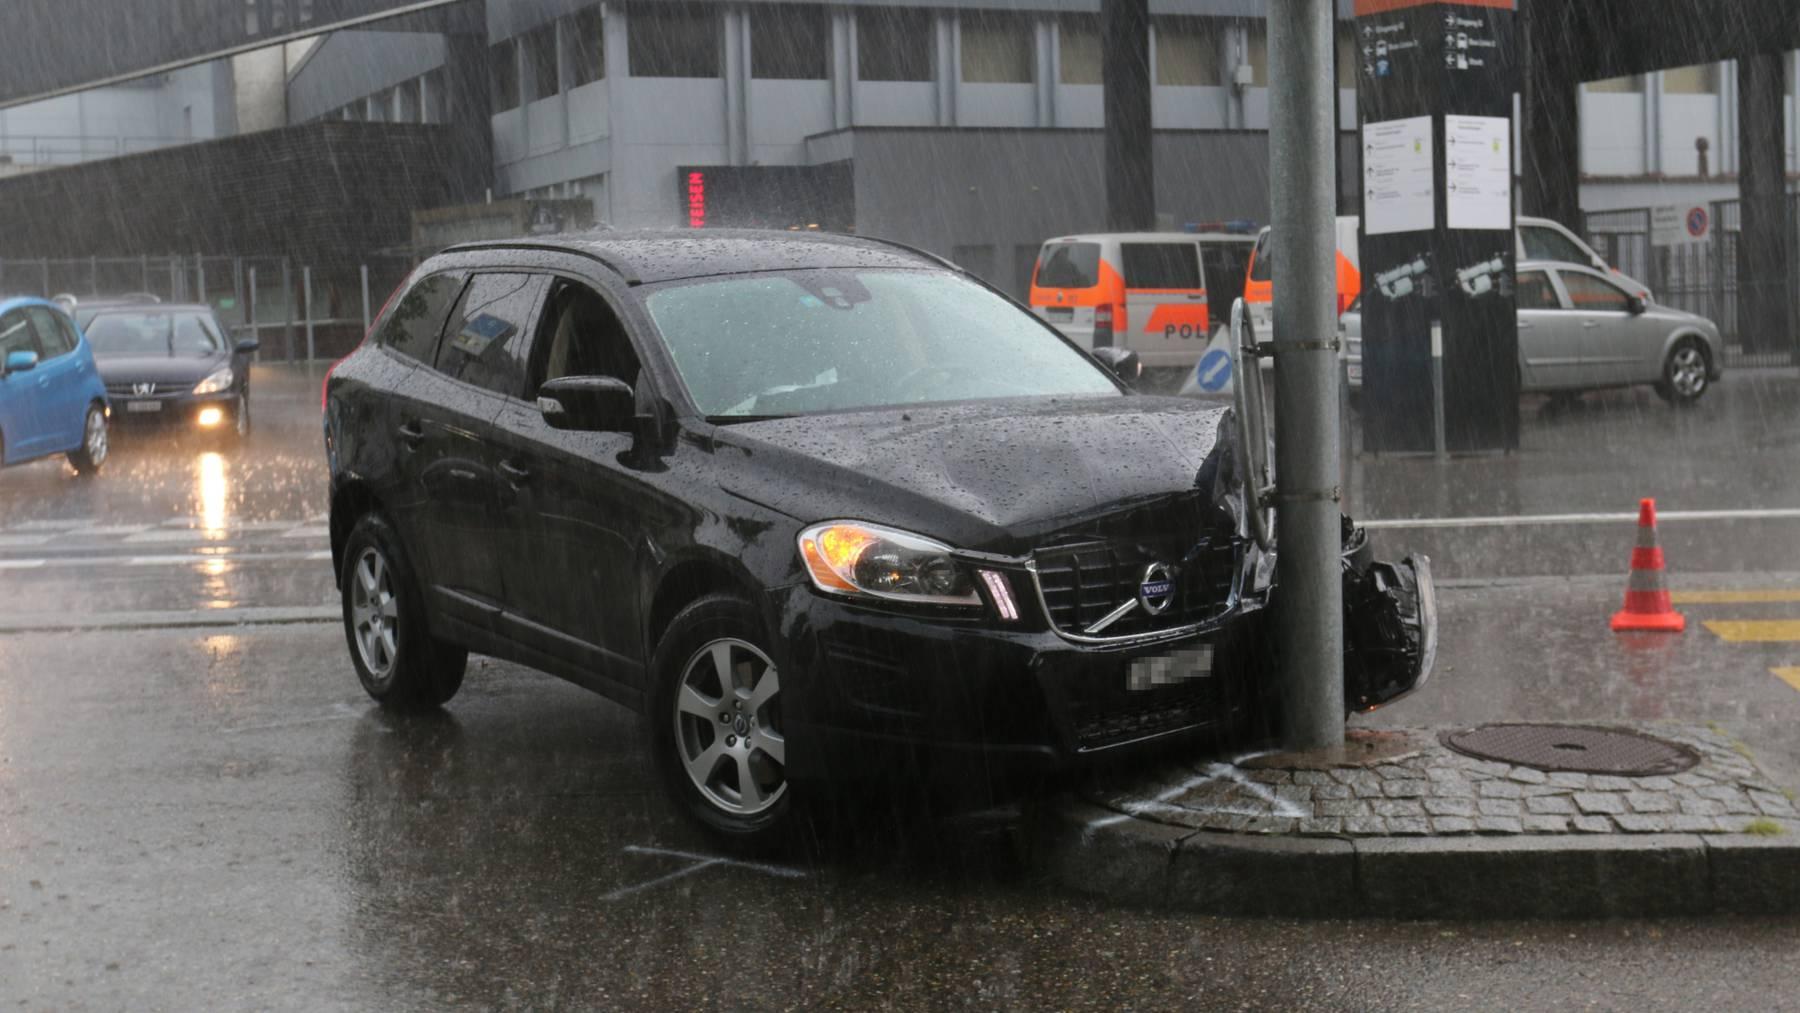 Ein Mann fuhr mit seinem Auto in einen Pfosten.